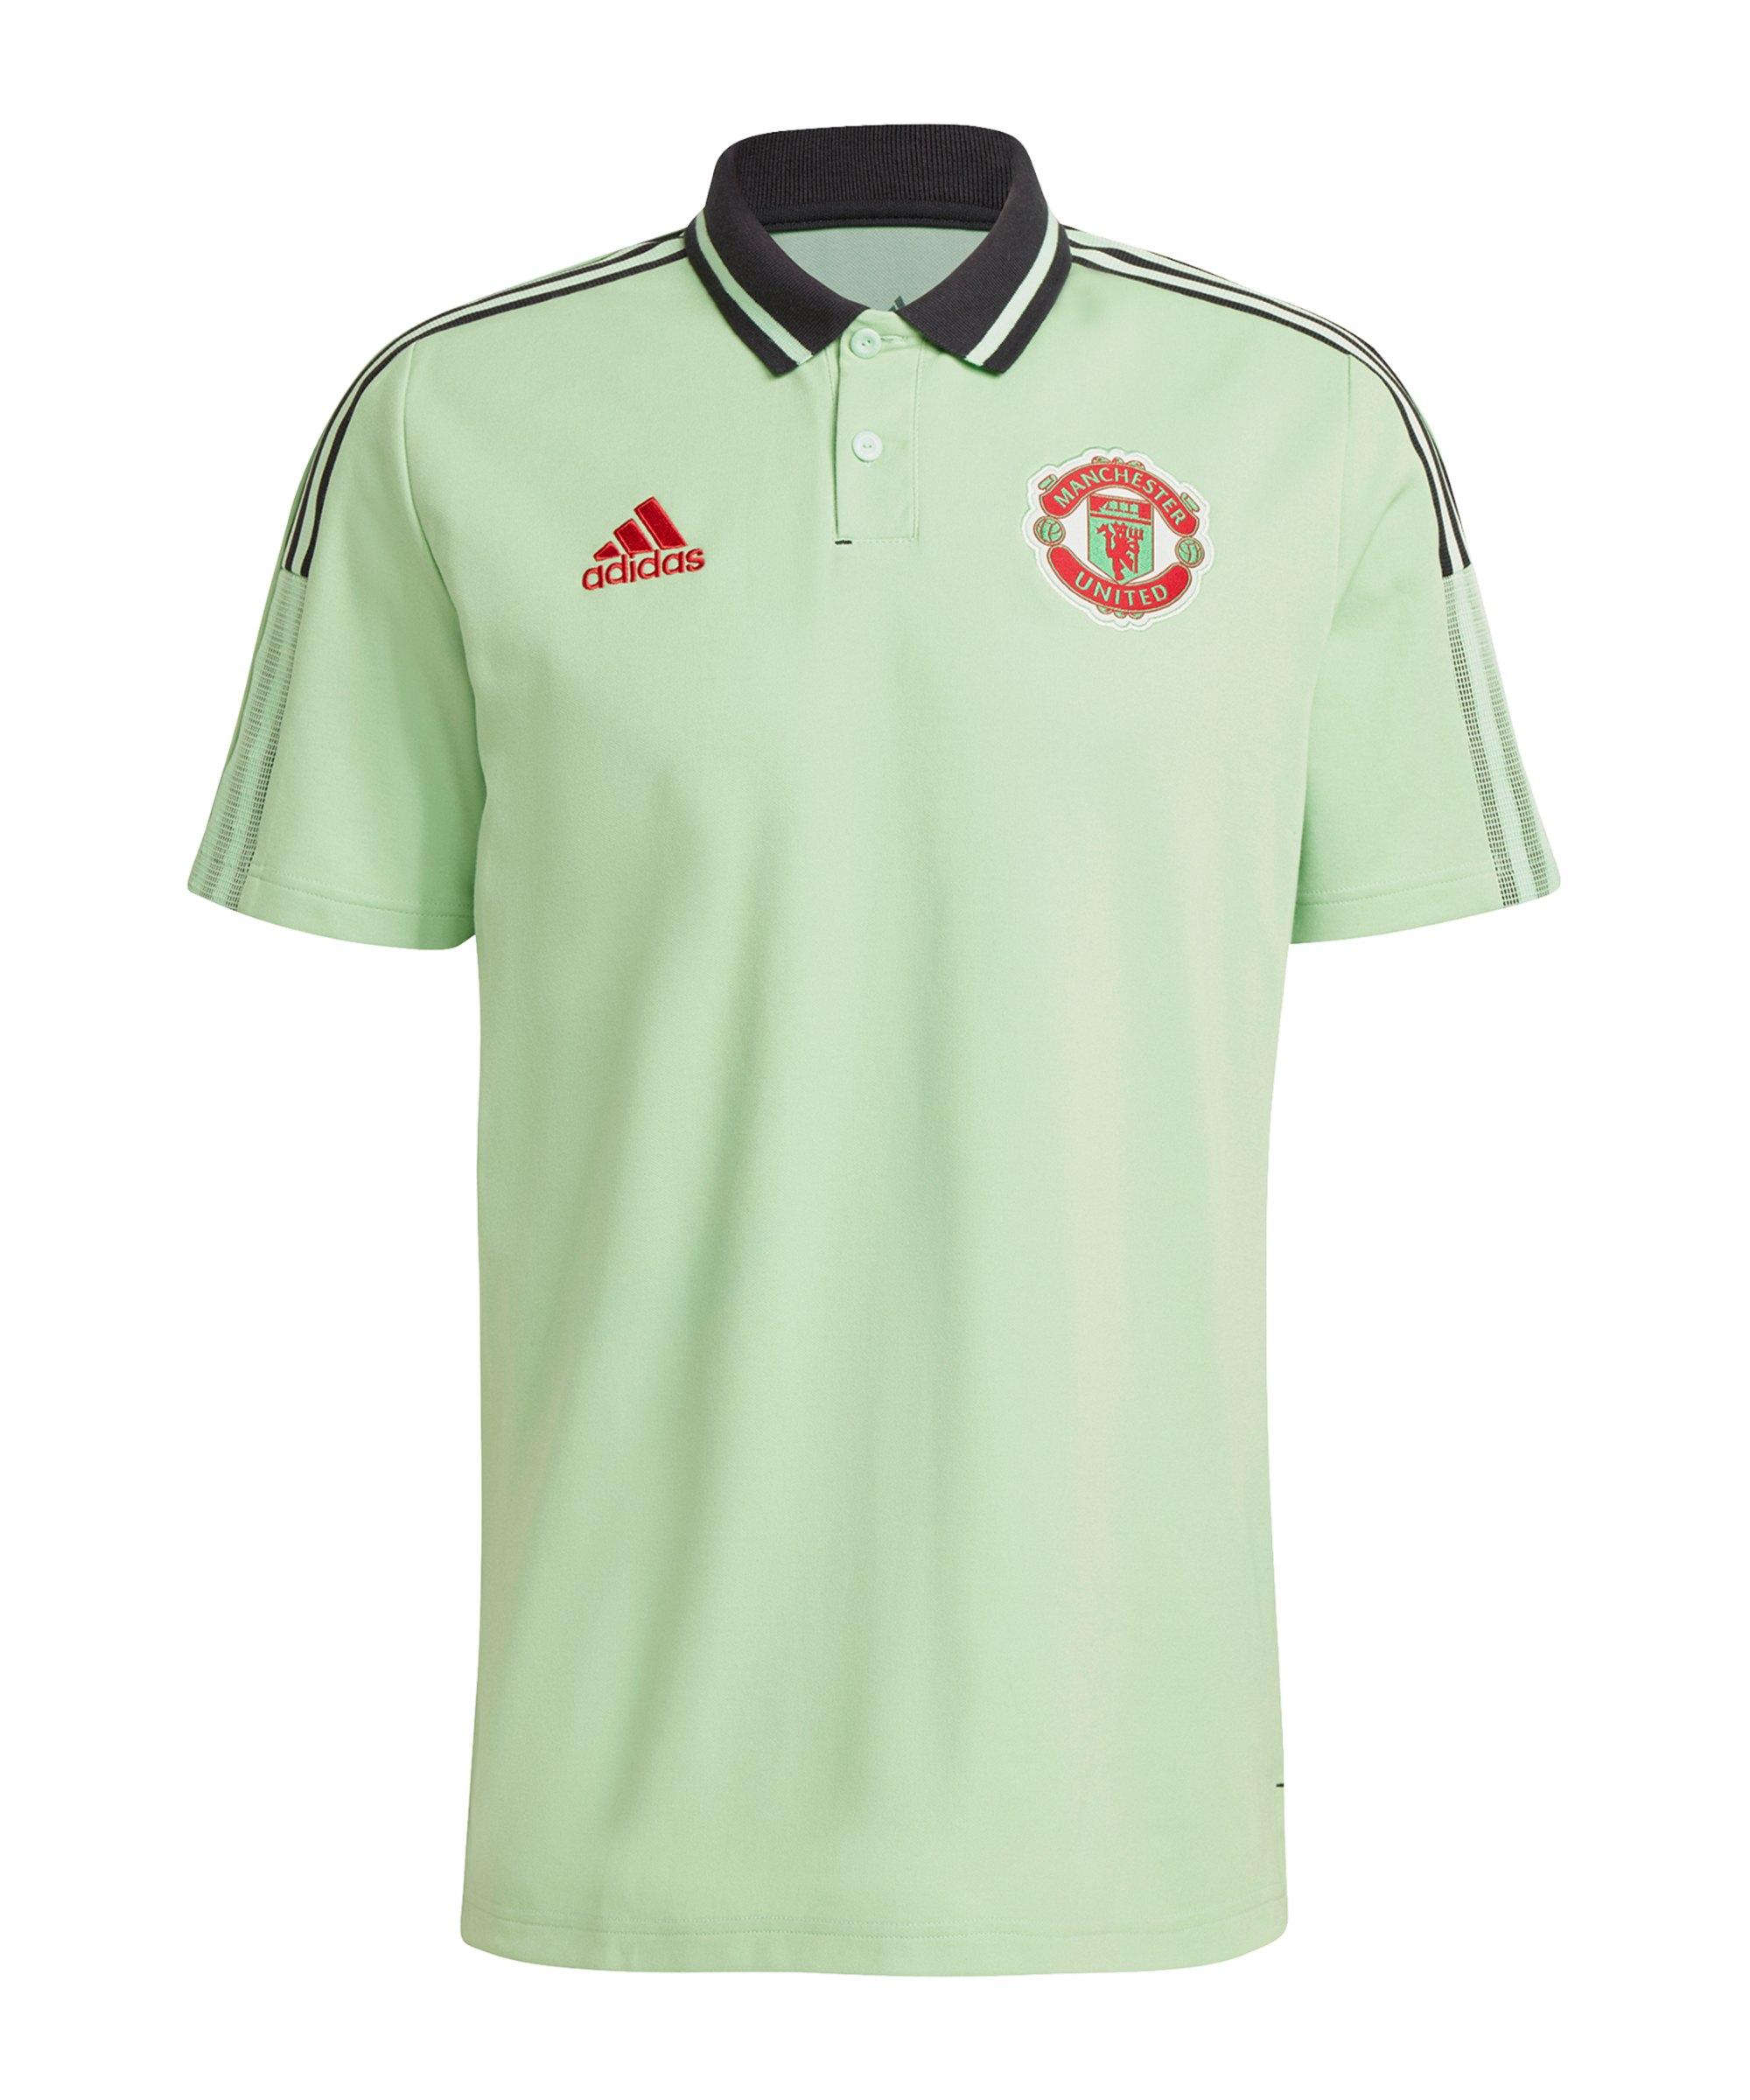 adidas Manchester United Poloshirt Hellgrün - gruen